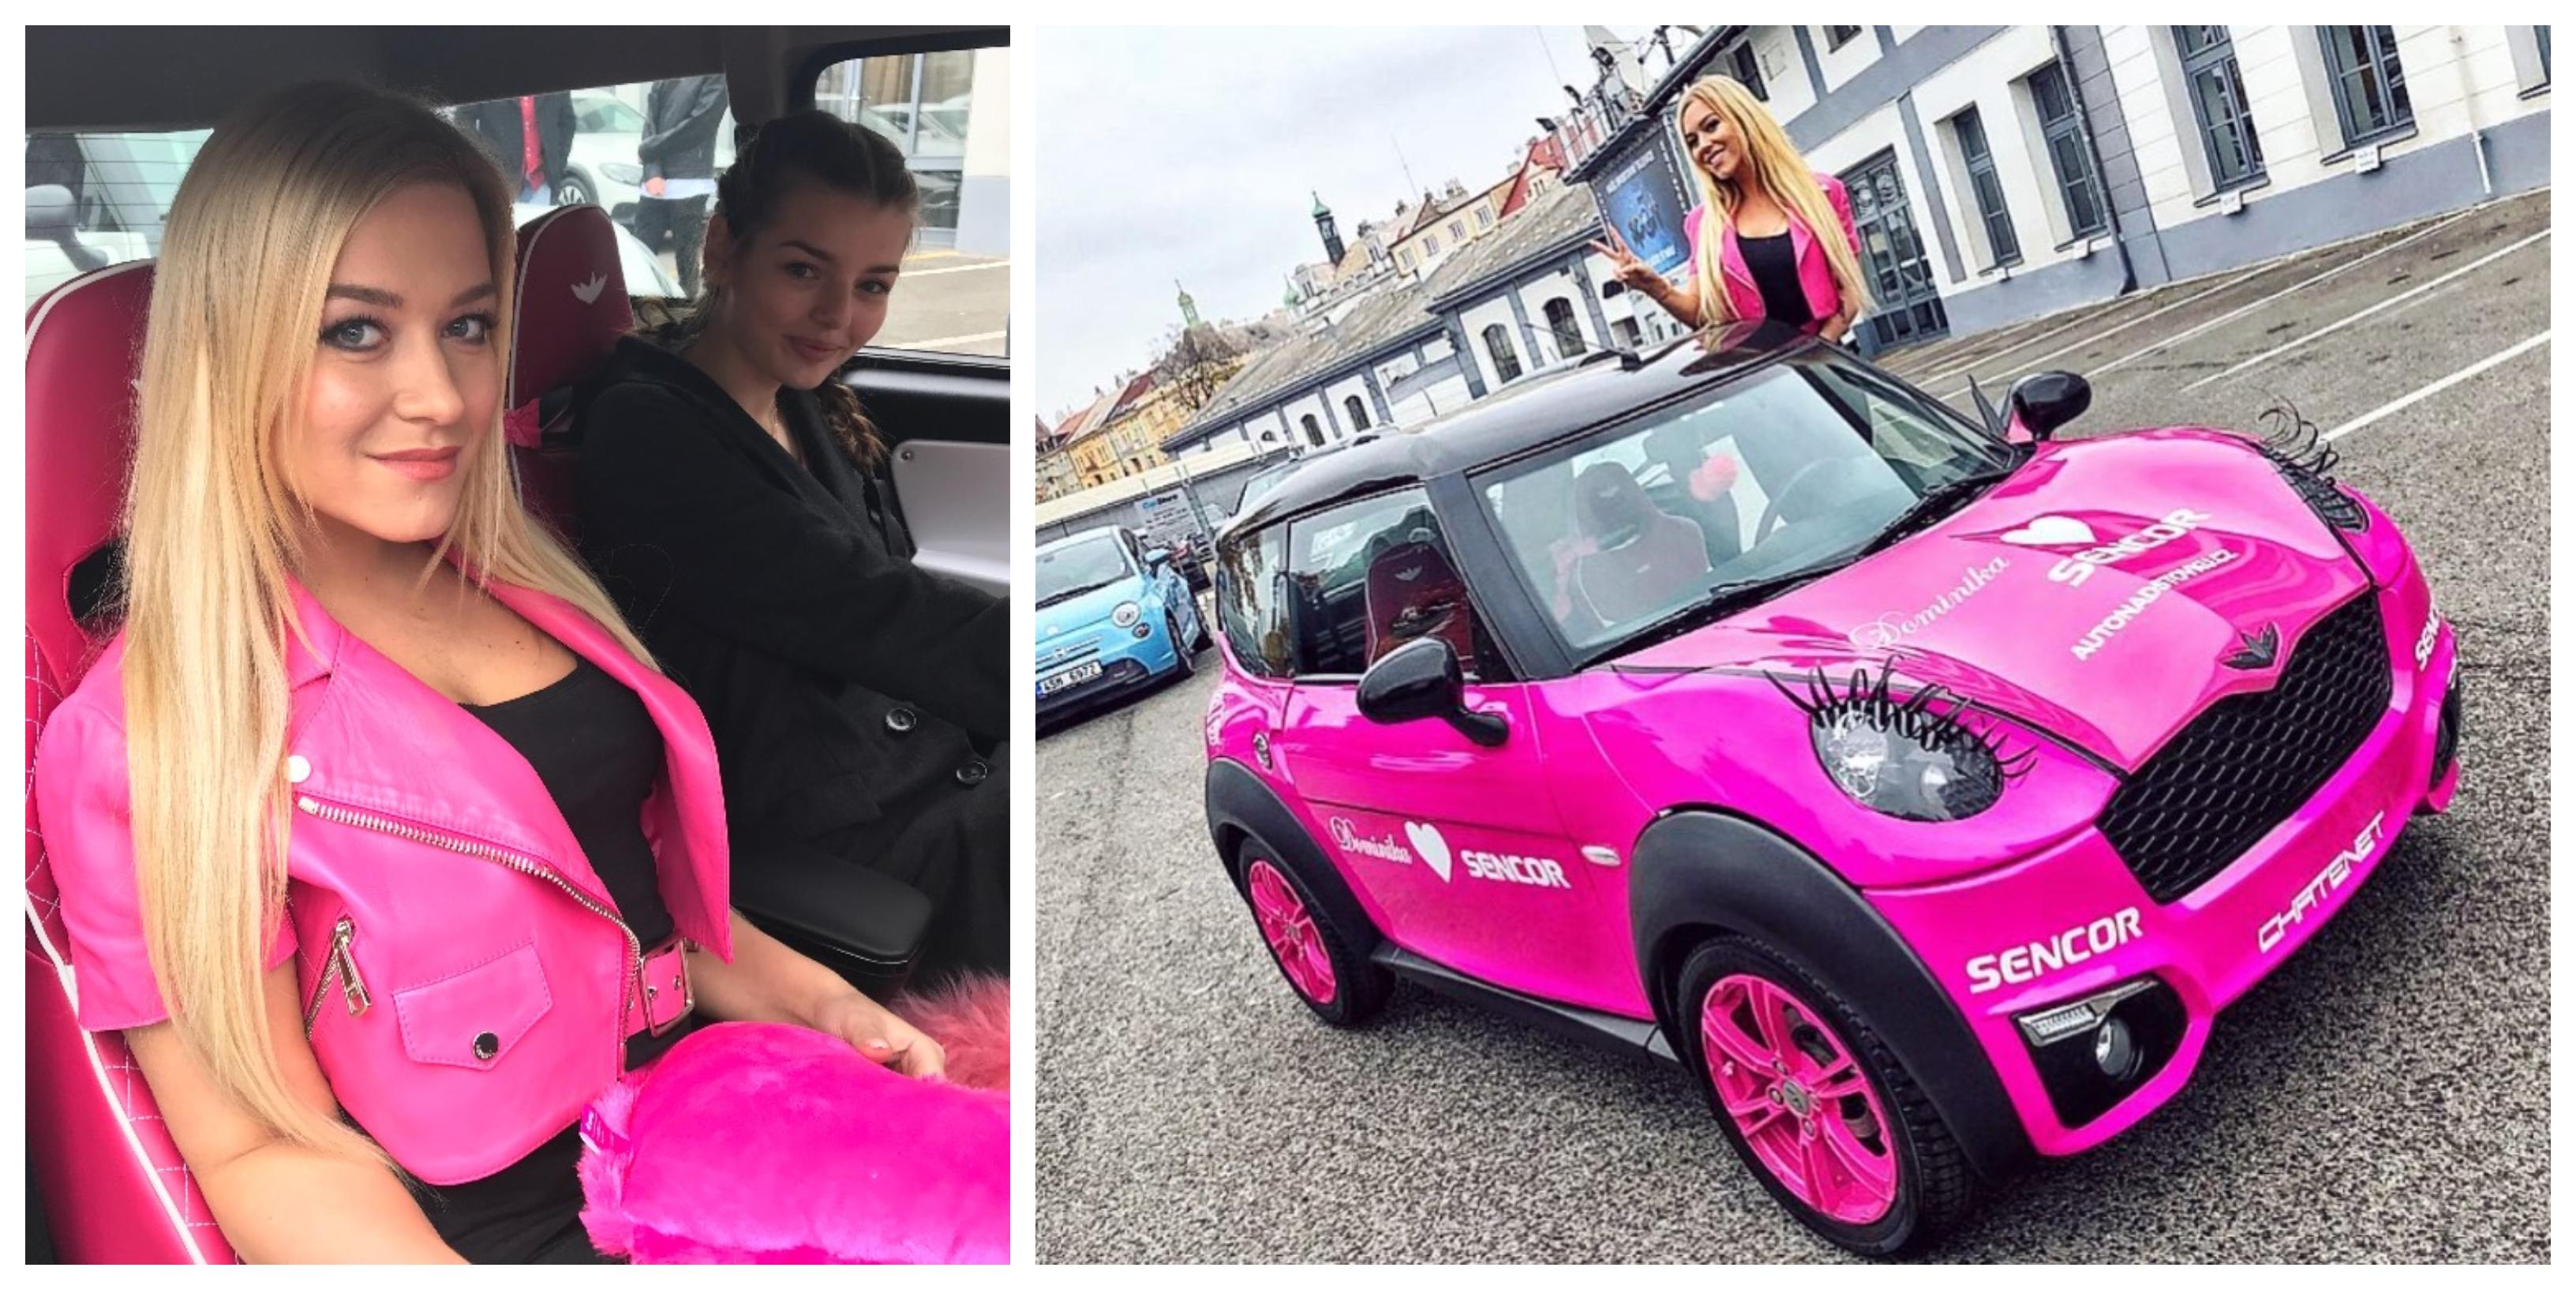 Myslivcová rozdává auto: Pořiďte svým dětem speciální vozítko pro 15leté